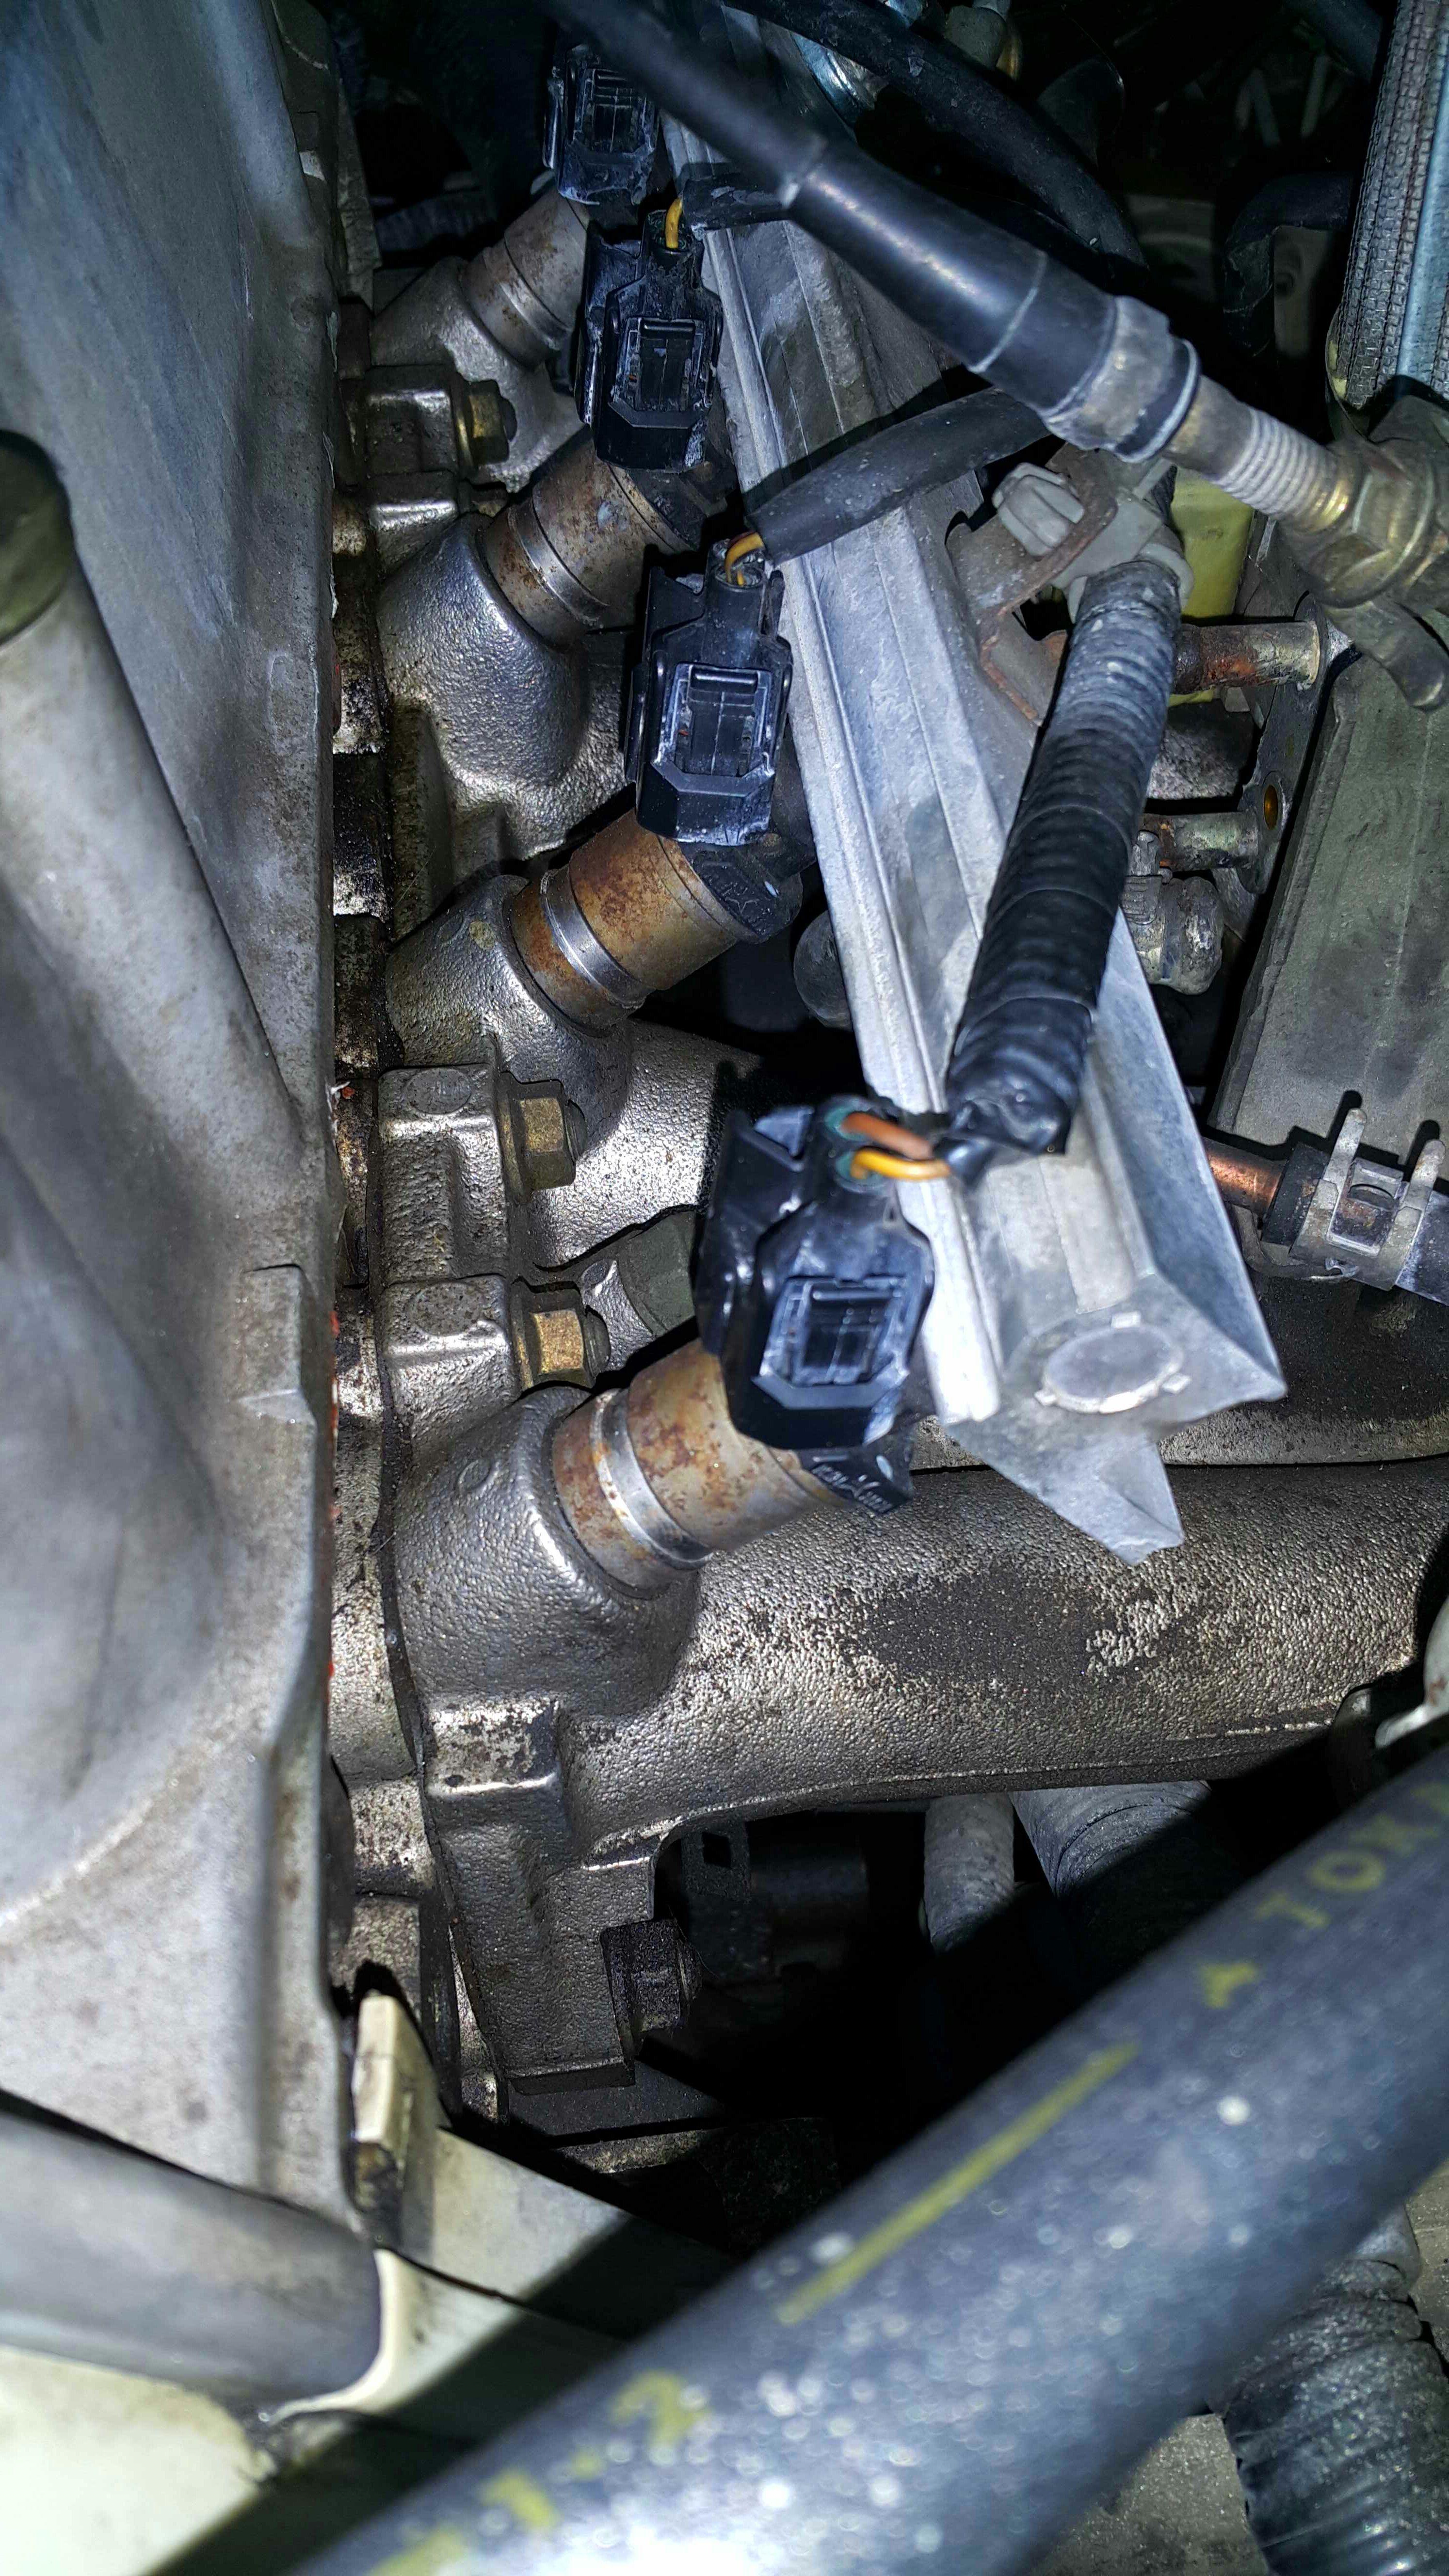 hight resolution of replacing fuel injectors honda civic 1999 d15b